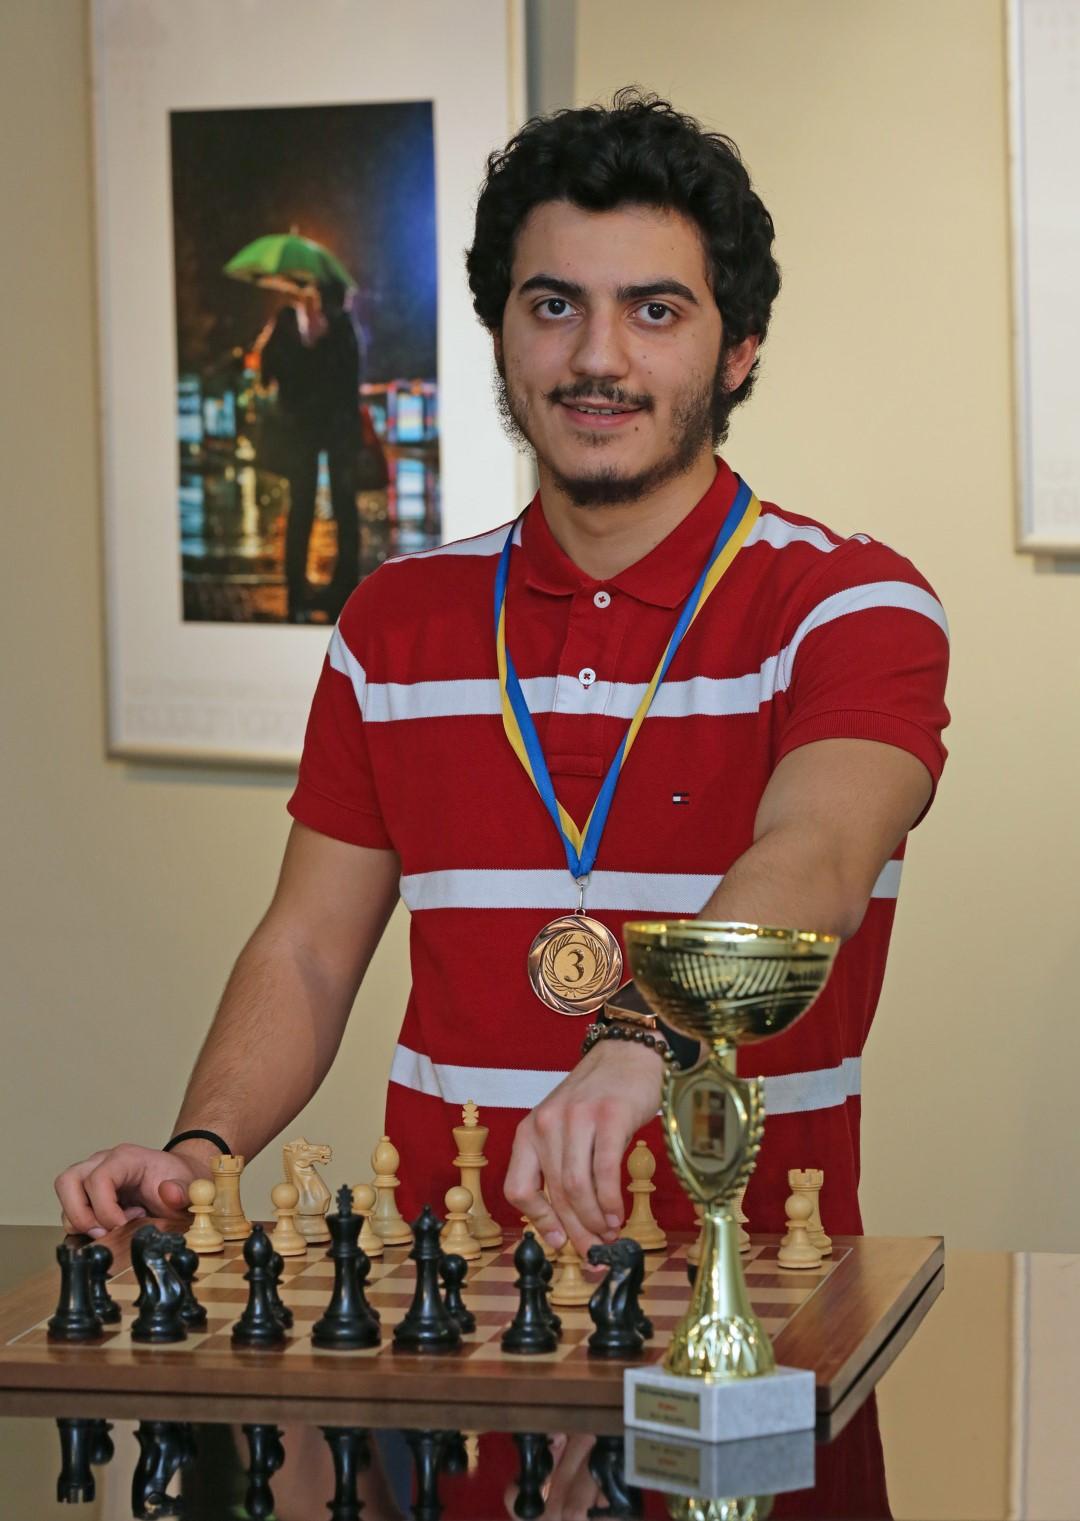 Yaşarlı Melih Yurtseven, bugünlerde, Antalya Manavgat'ta Türkiye Satranç Federasyonu tarafından düzenlenen Türkiye Kupası'nda mücadele ediyor.